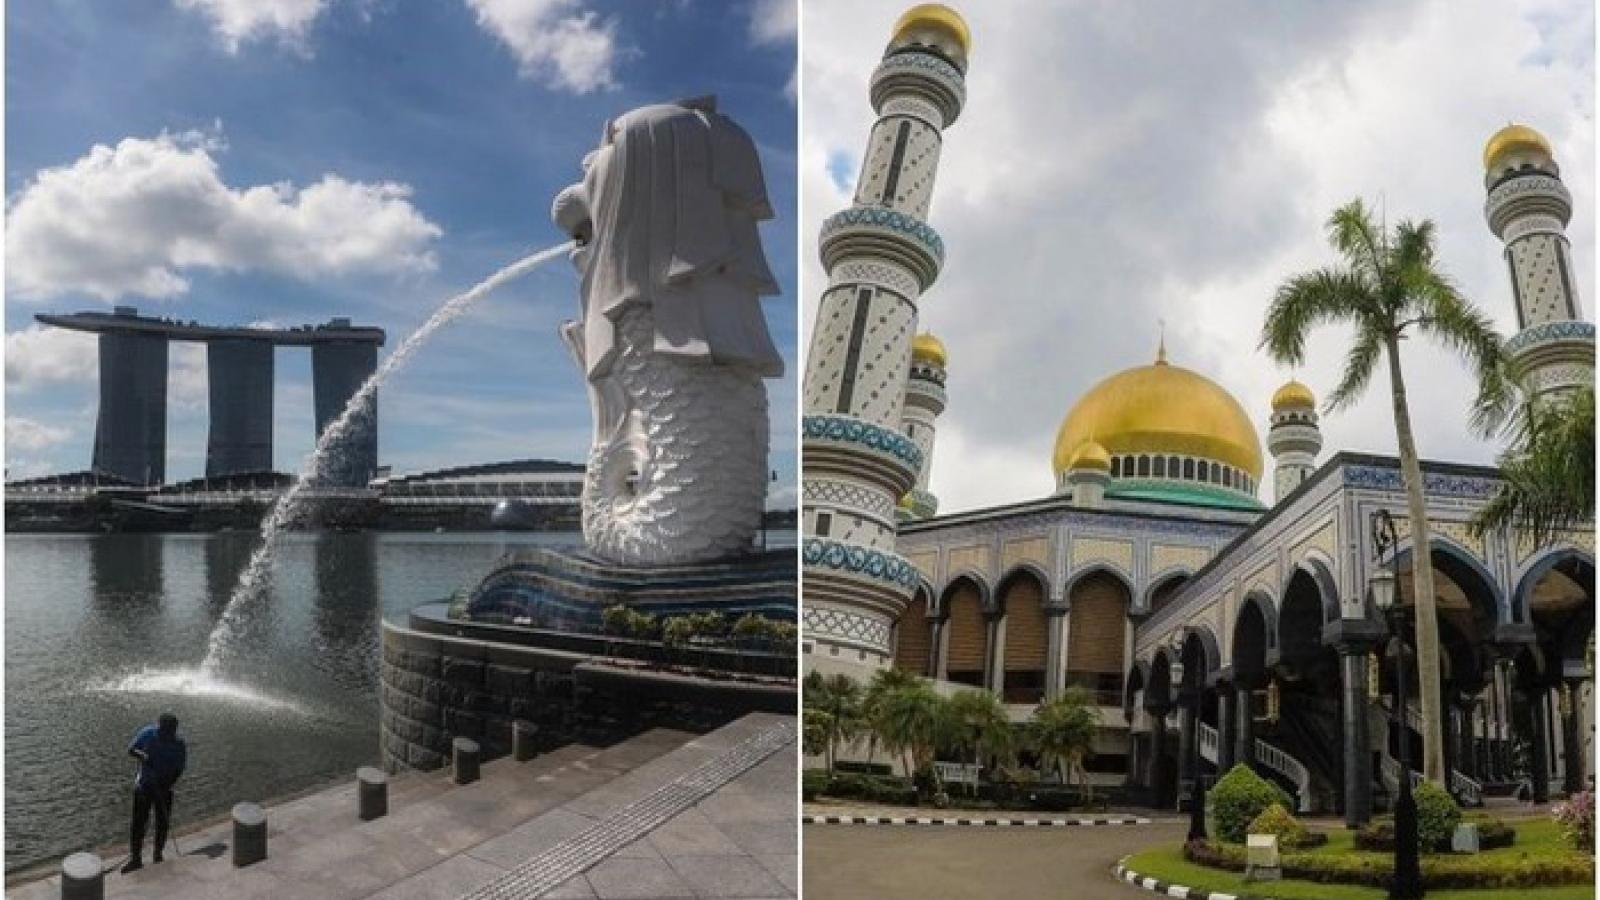 """Singapore - Indonesia triển khai """"làn đường xanh"""" cho doanh nghiệp và du lịch"""